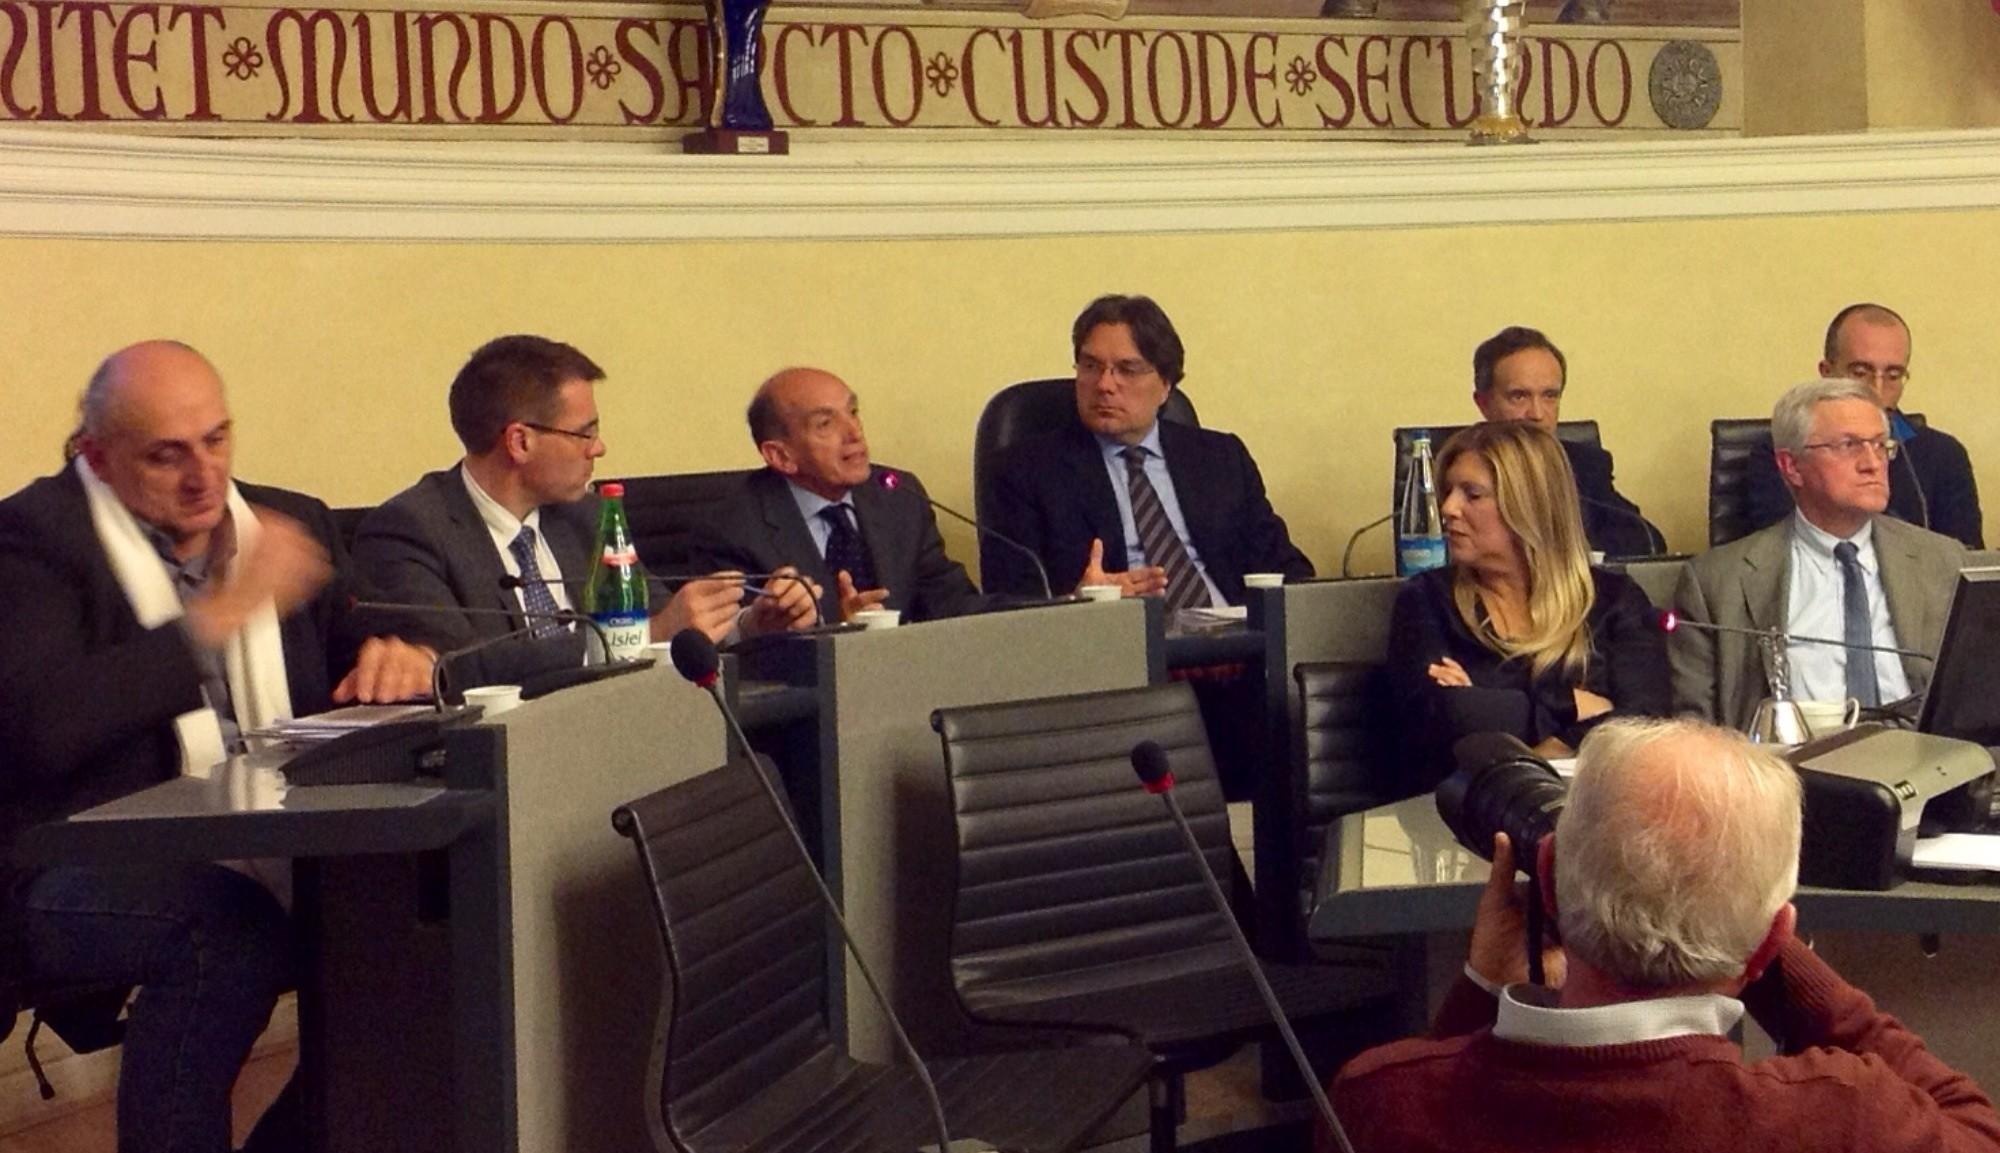 Interesse per il consiglio comunale aperto sull'immigrazione ad Asti